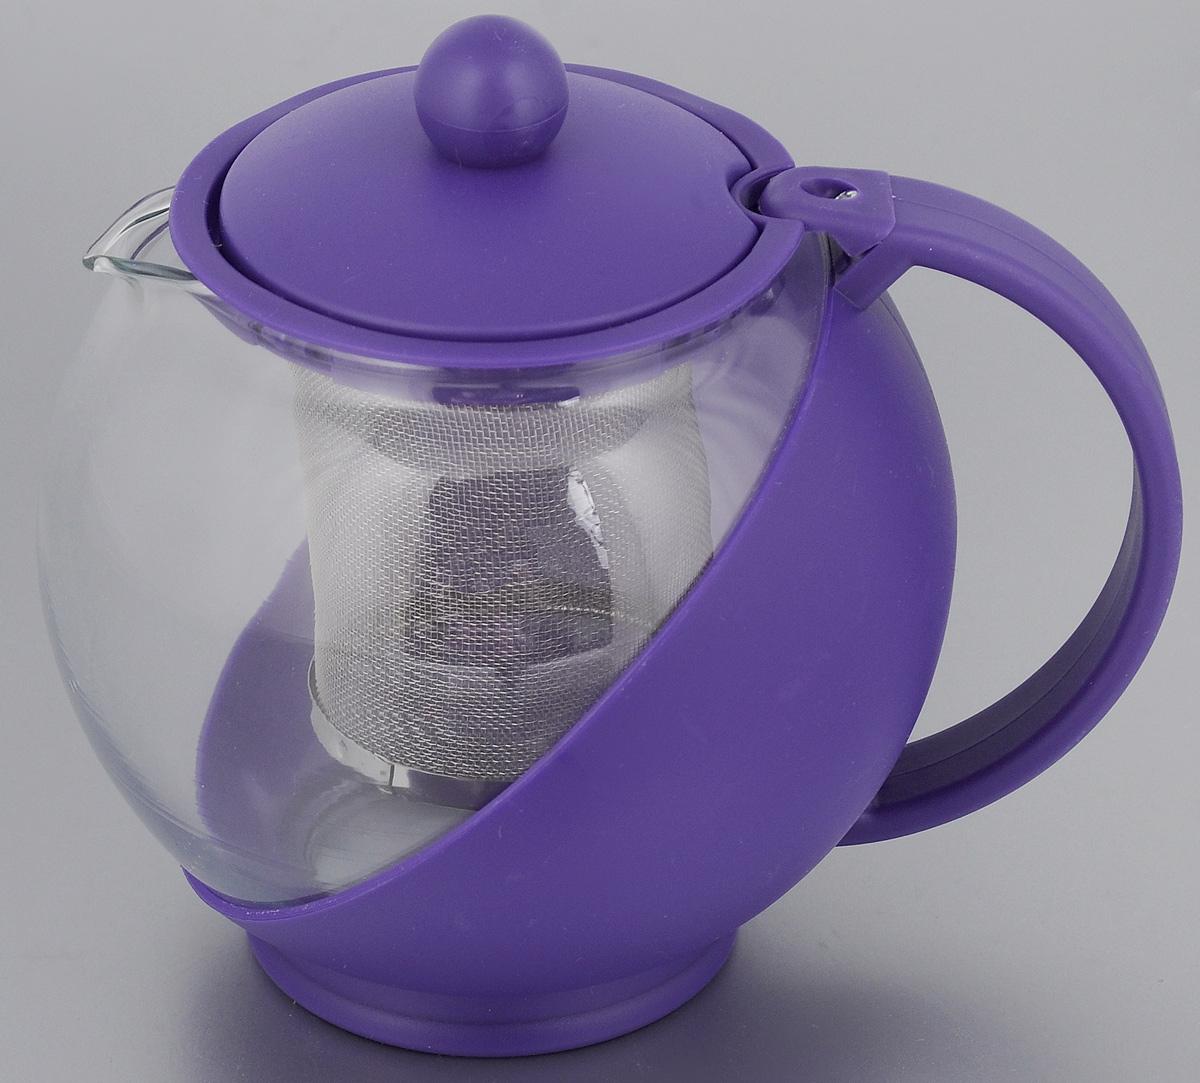 Чайник заварочный Mayer & Boch, с фильтром, цвет: прозрачный, фиолетовый, 750 мл. 25738VT-1520(SR)Заварочный чайник Mayer & Boch изготовлен из жаропрочного стекла и полипропилена. Чай в таком чайнике дольше остается горячим, а полезные и ароматические вещества полностью сохраняются в напитке. Чайник оснащен фильтром из нержавеющей стали и крышкой. Простой и удобный чайник поможет вам приготовить крепкий, ароматный чай. Диаметр чайника (по верхнему краю): 8 см.Высота чайника (без учета крышки): 11,5 см.Высота фильтра: 7,2 см.